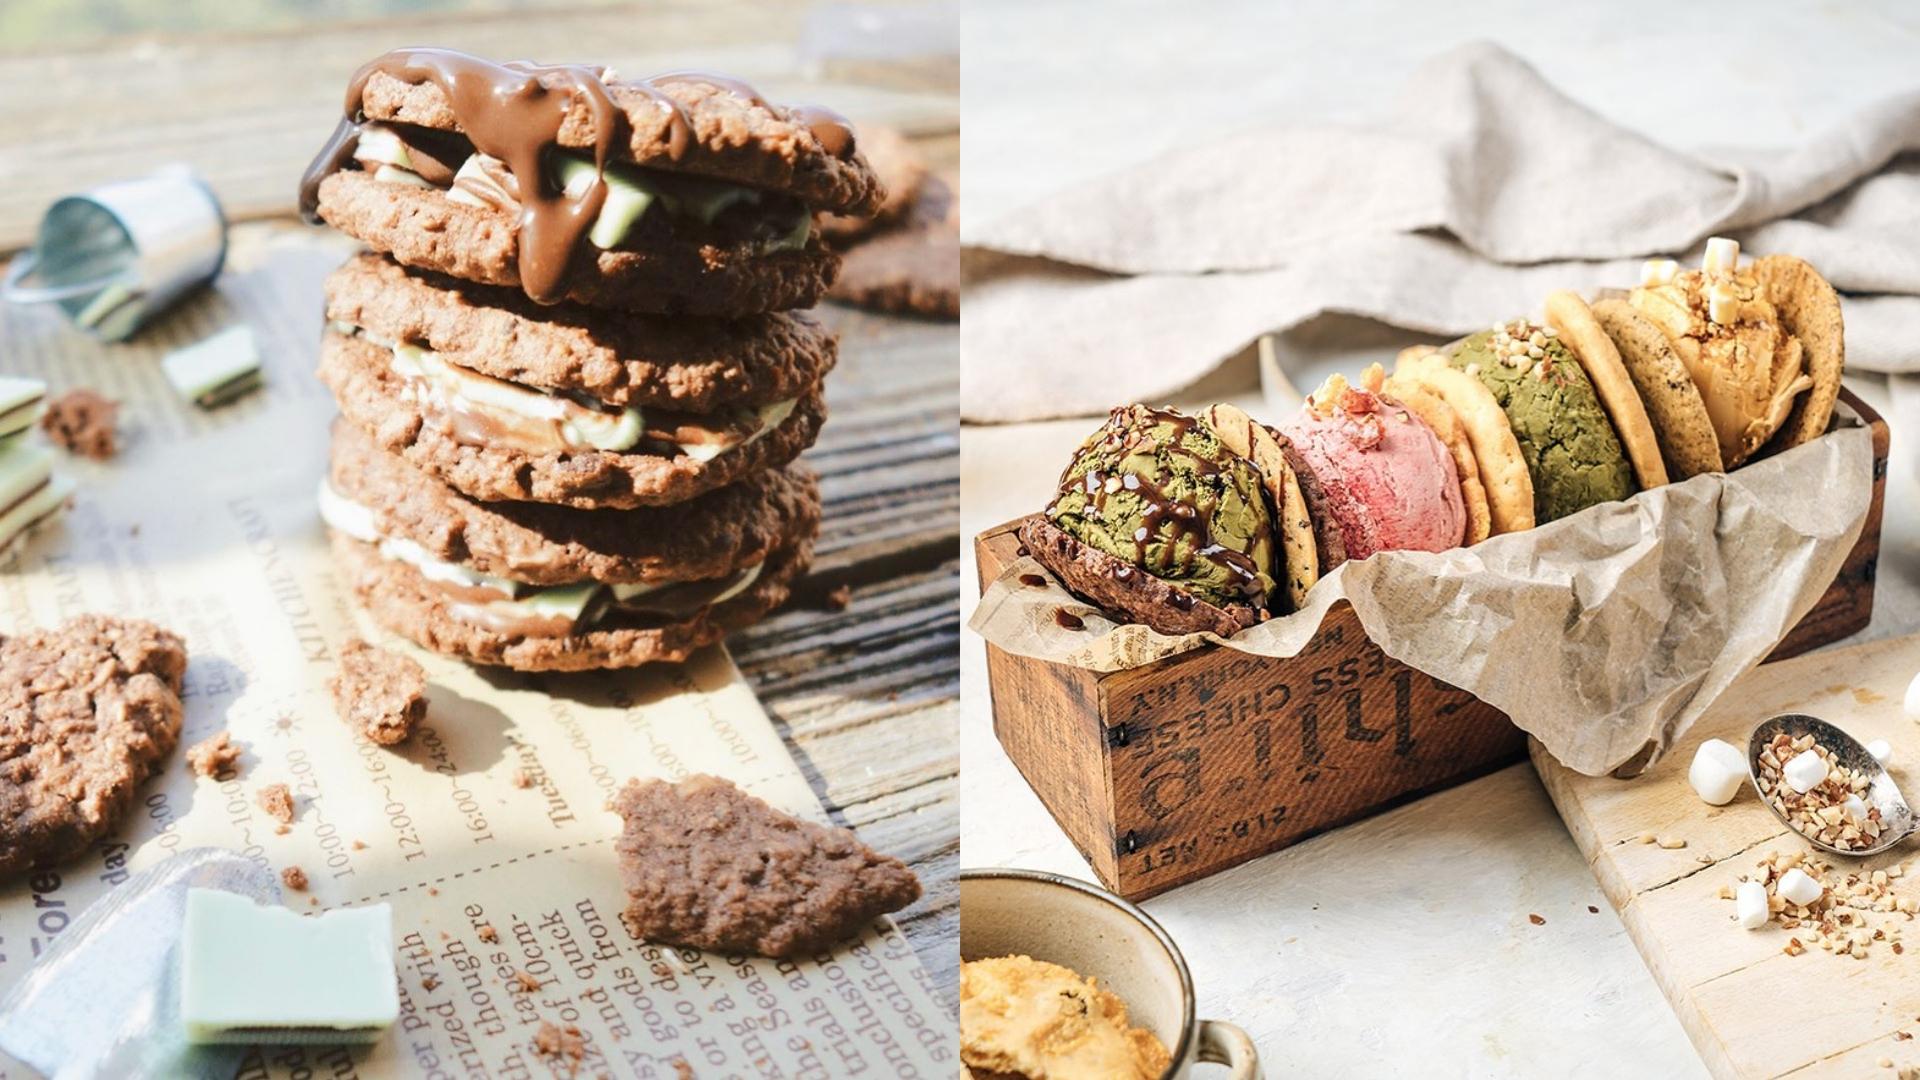 用心烘烤過程成就了餅乾獨特的酥脆口感與風味,除了美味的餅乾,他們每季也由海內外設計師打造各式各樣禮盒,講求優雅可愛風格